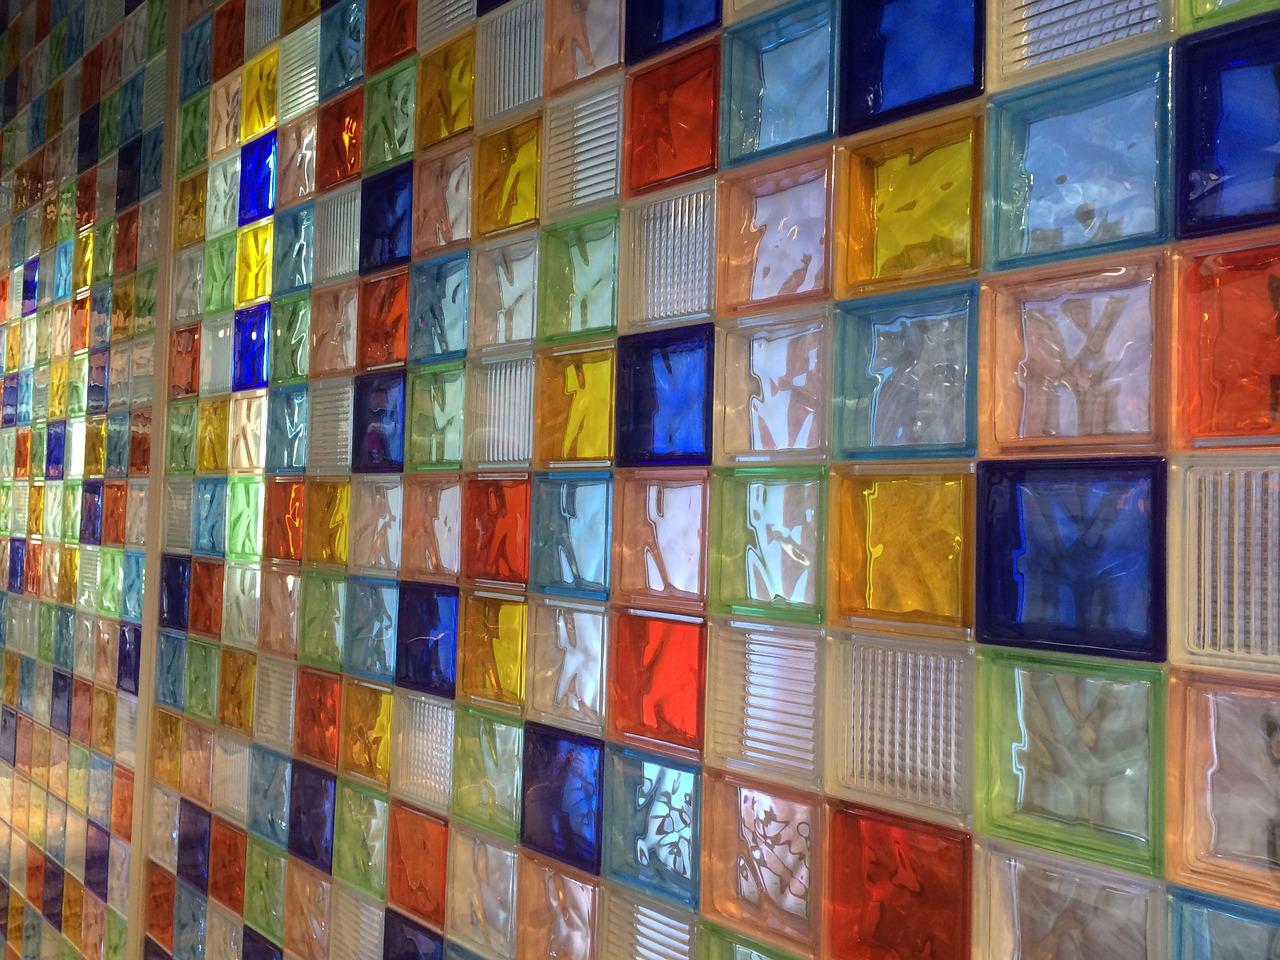 Werbetexter textet neue Internetseite für Glasdesign Manufaktur ...